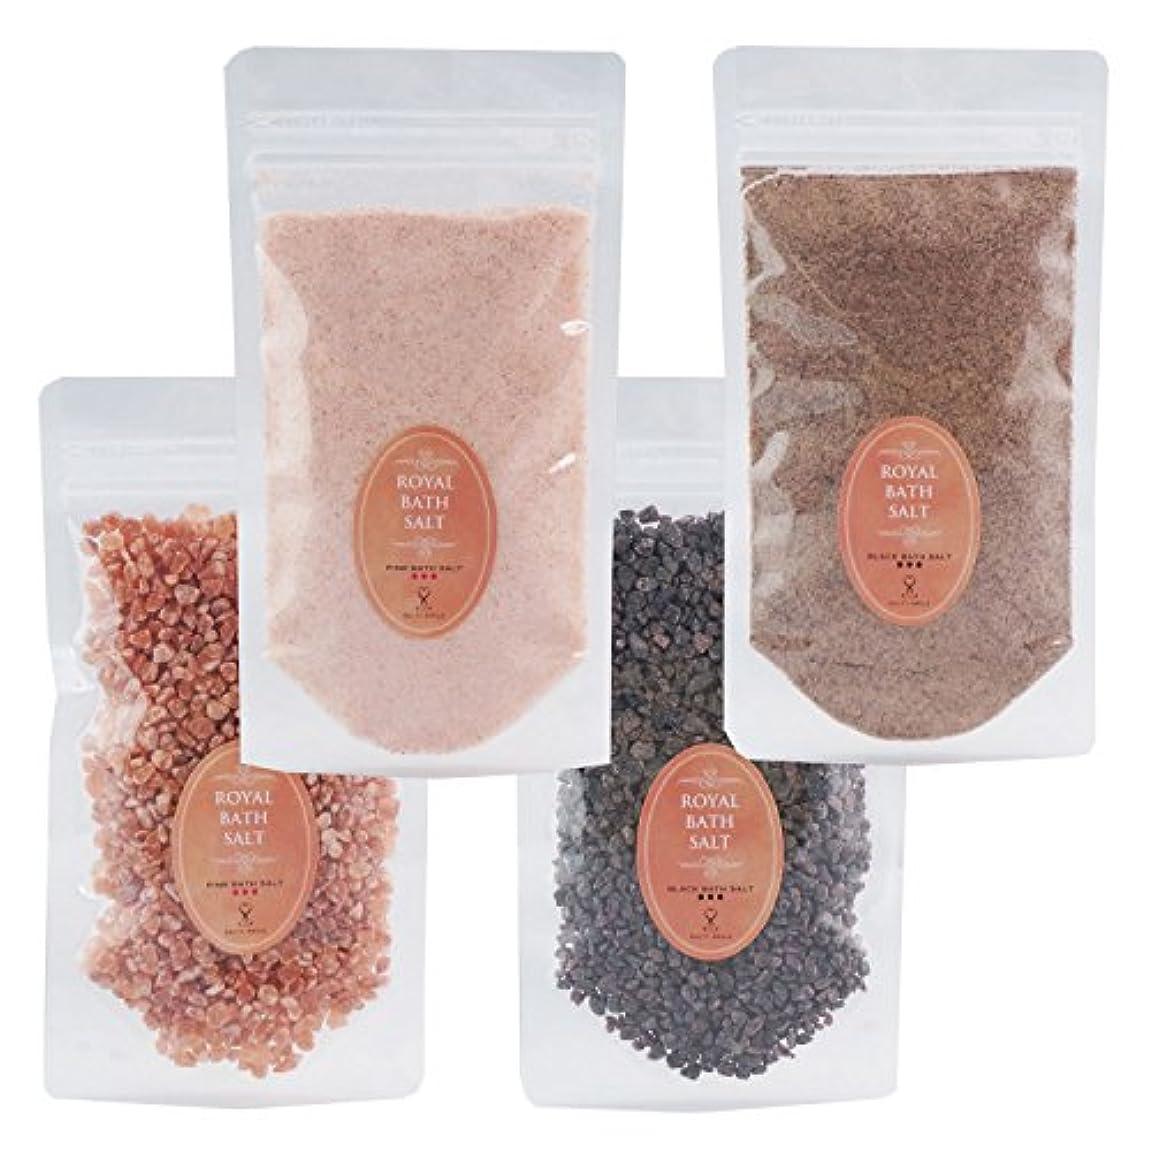 過敏なミットモーテルロイヤル バスソルト ヒマラヤ岩塩 ピンク ブラック パウダー グレイン 各200g 細粒 粗粒 ROYAL BATH SALT